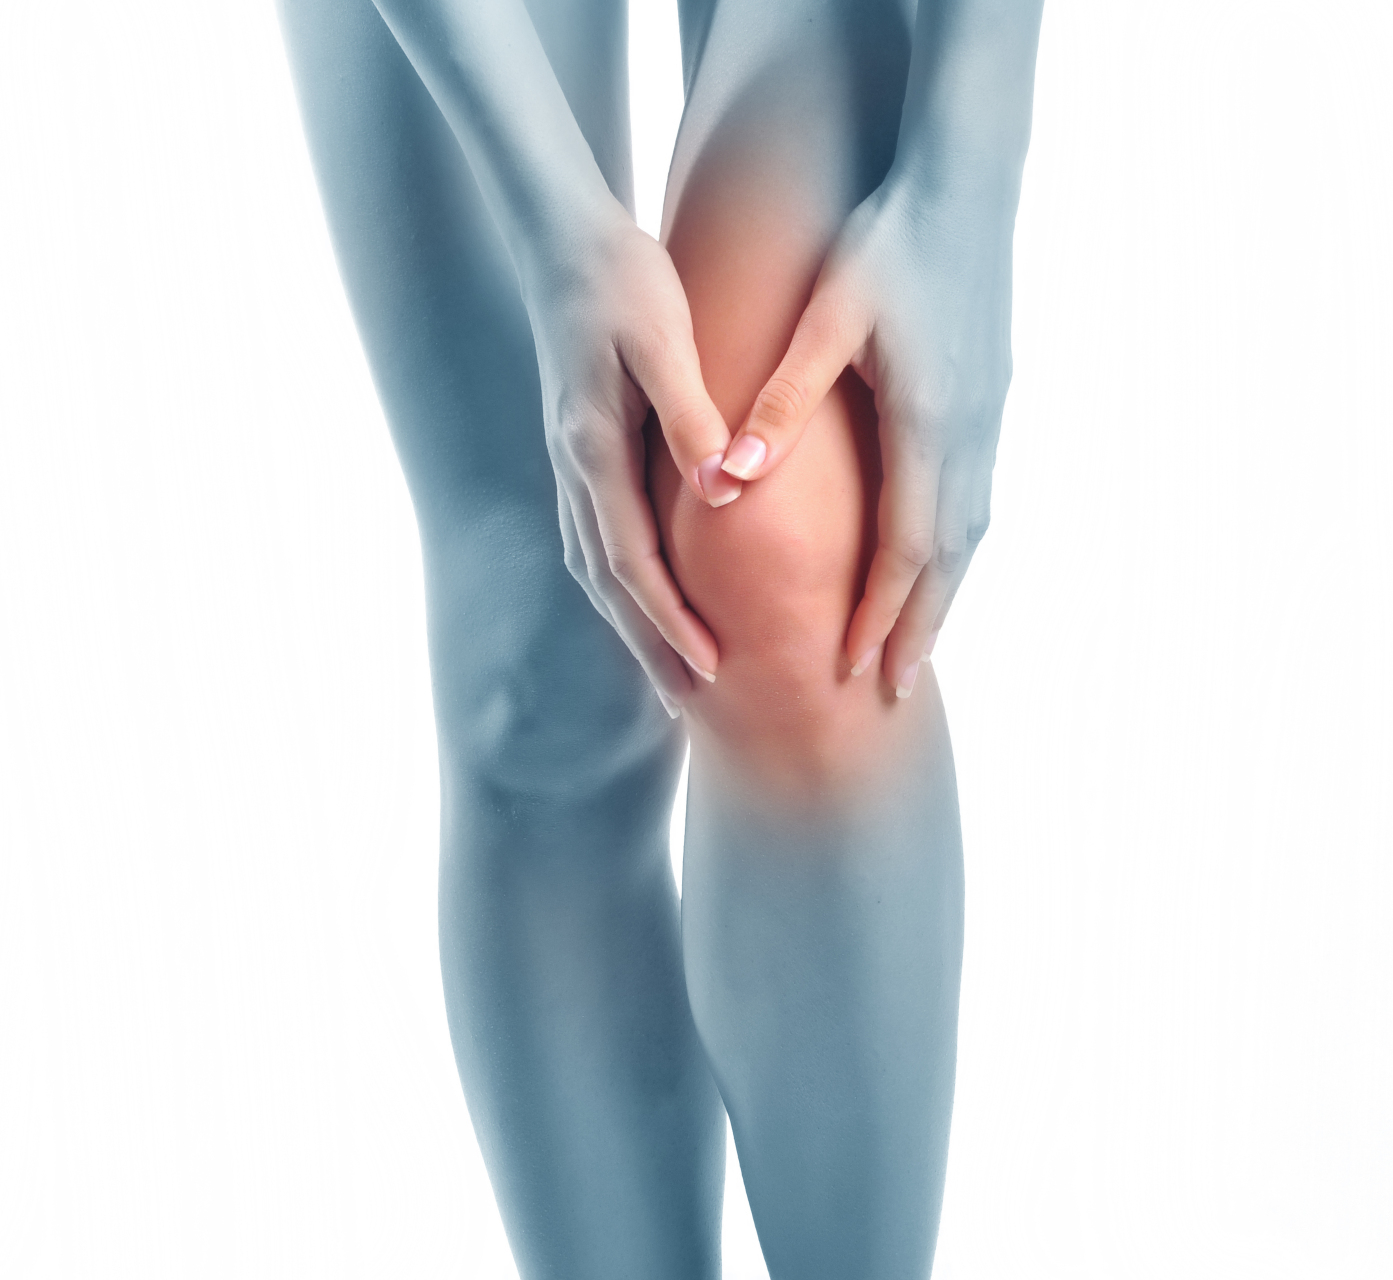 gydymas artrozės blokados tai kas yra reumatoidinis artritas sąnarių